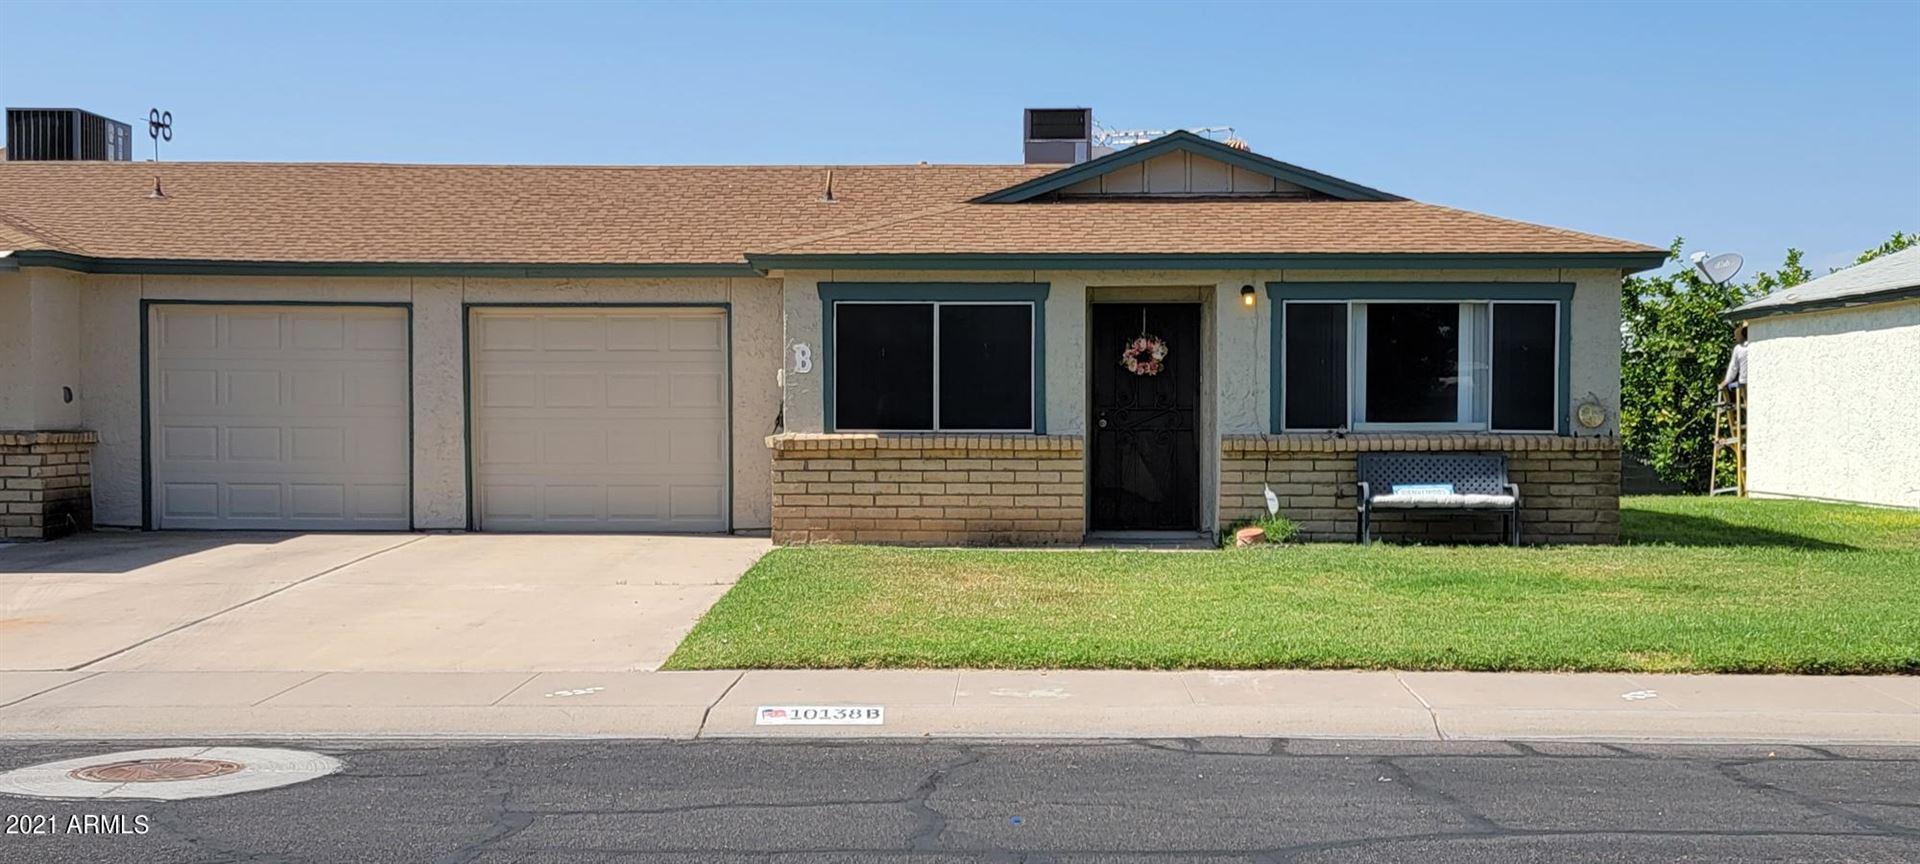 10138 N 97TH Drive #B, Peoria, AZ 85345 - MLS#: 6290868